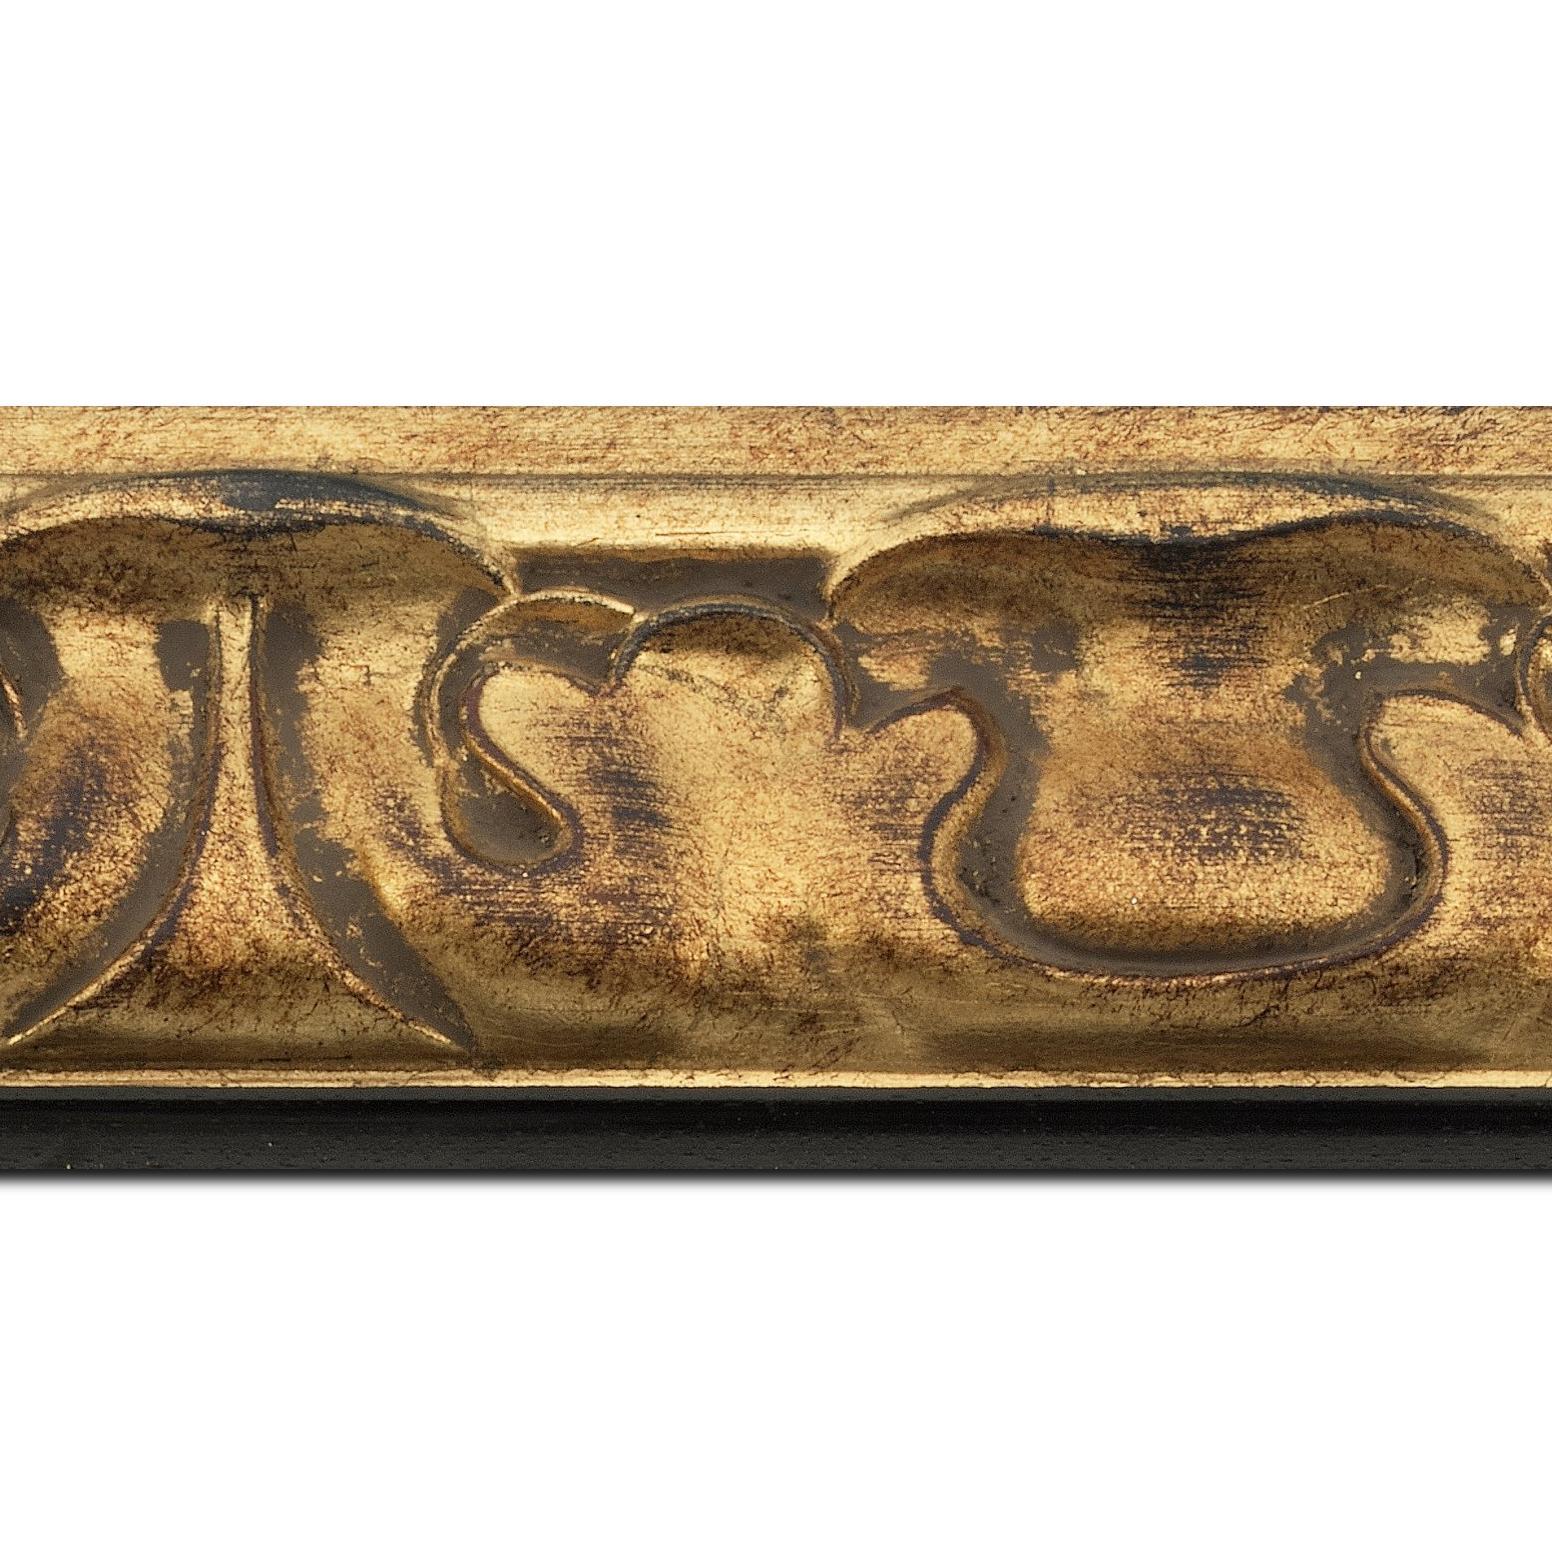 Pack par 12m, bois profil doucine largeur 7.8cm or patiné nez couleur ébène  (longueur baguette pouvant varier entre 2.40m et 3m selon arrivage des bois)